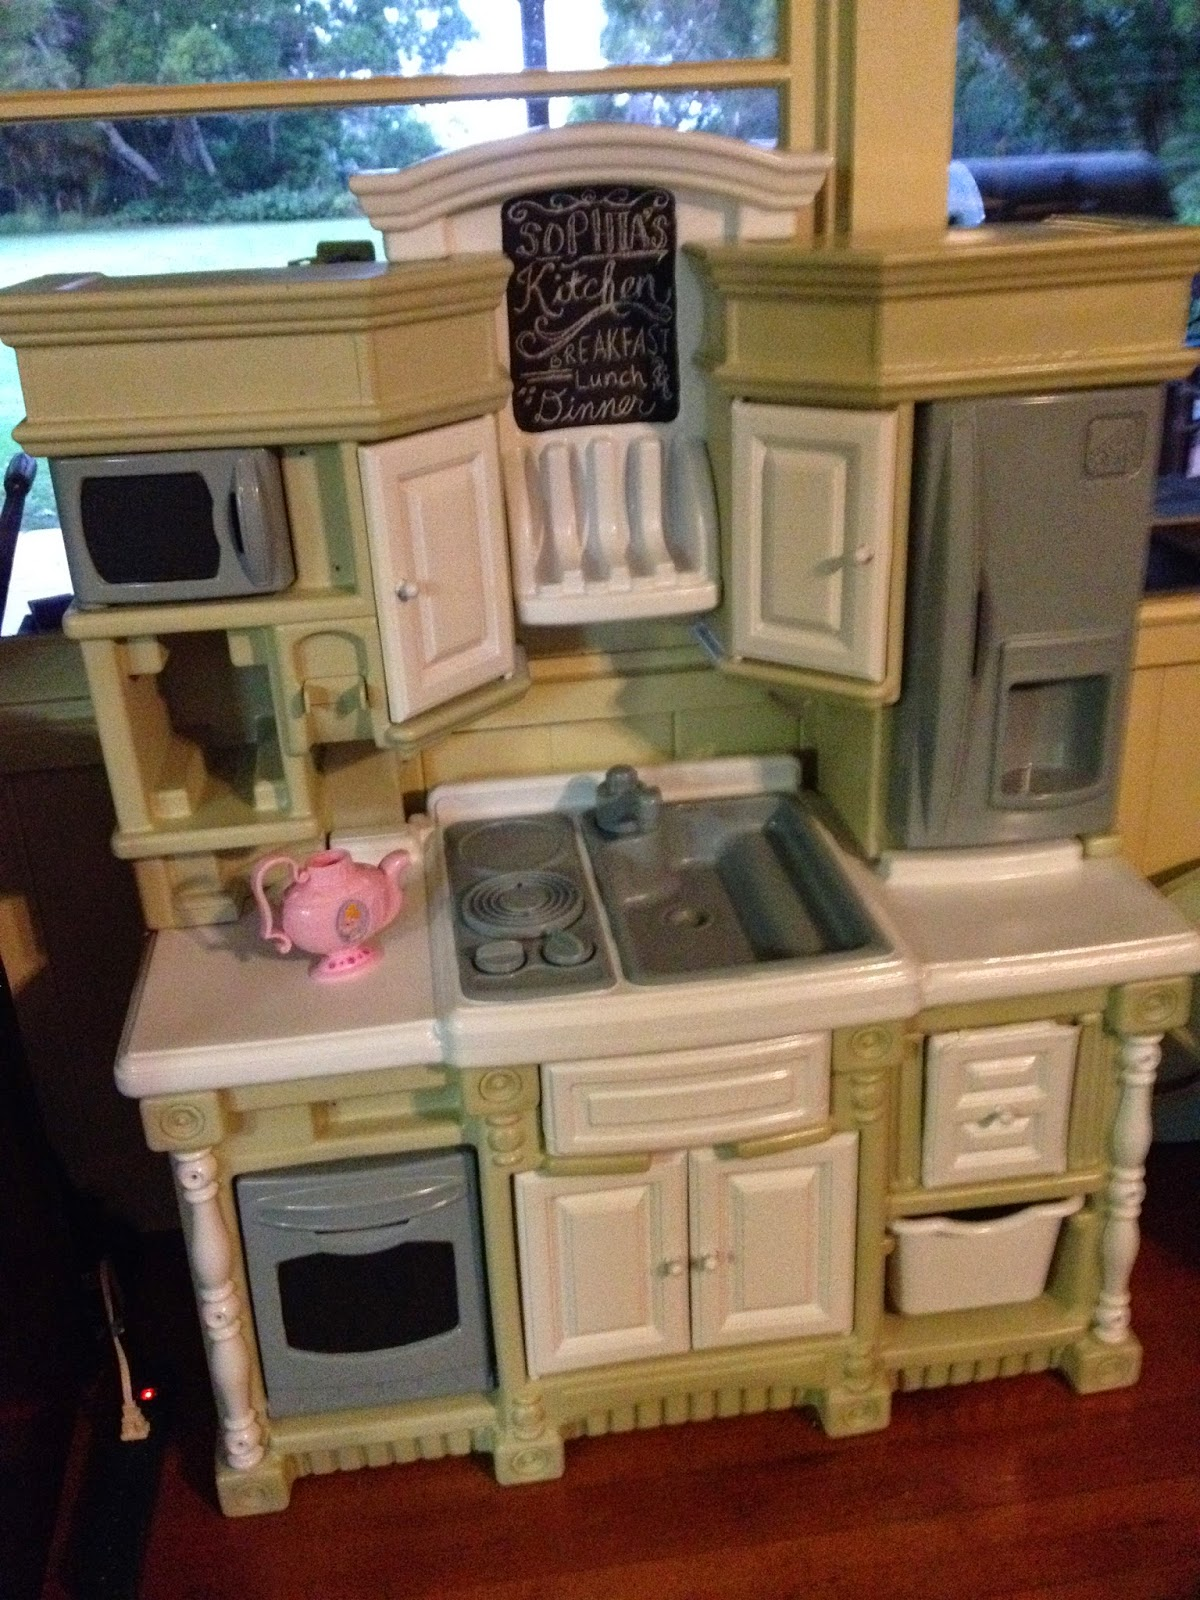 Remodelling Kitchen: Indigo Papaya: Plastic Play Kitchen Remodel